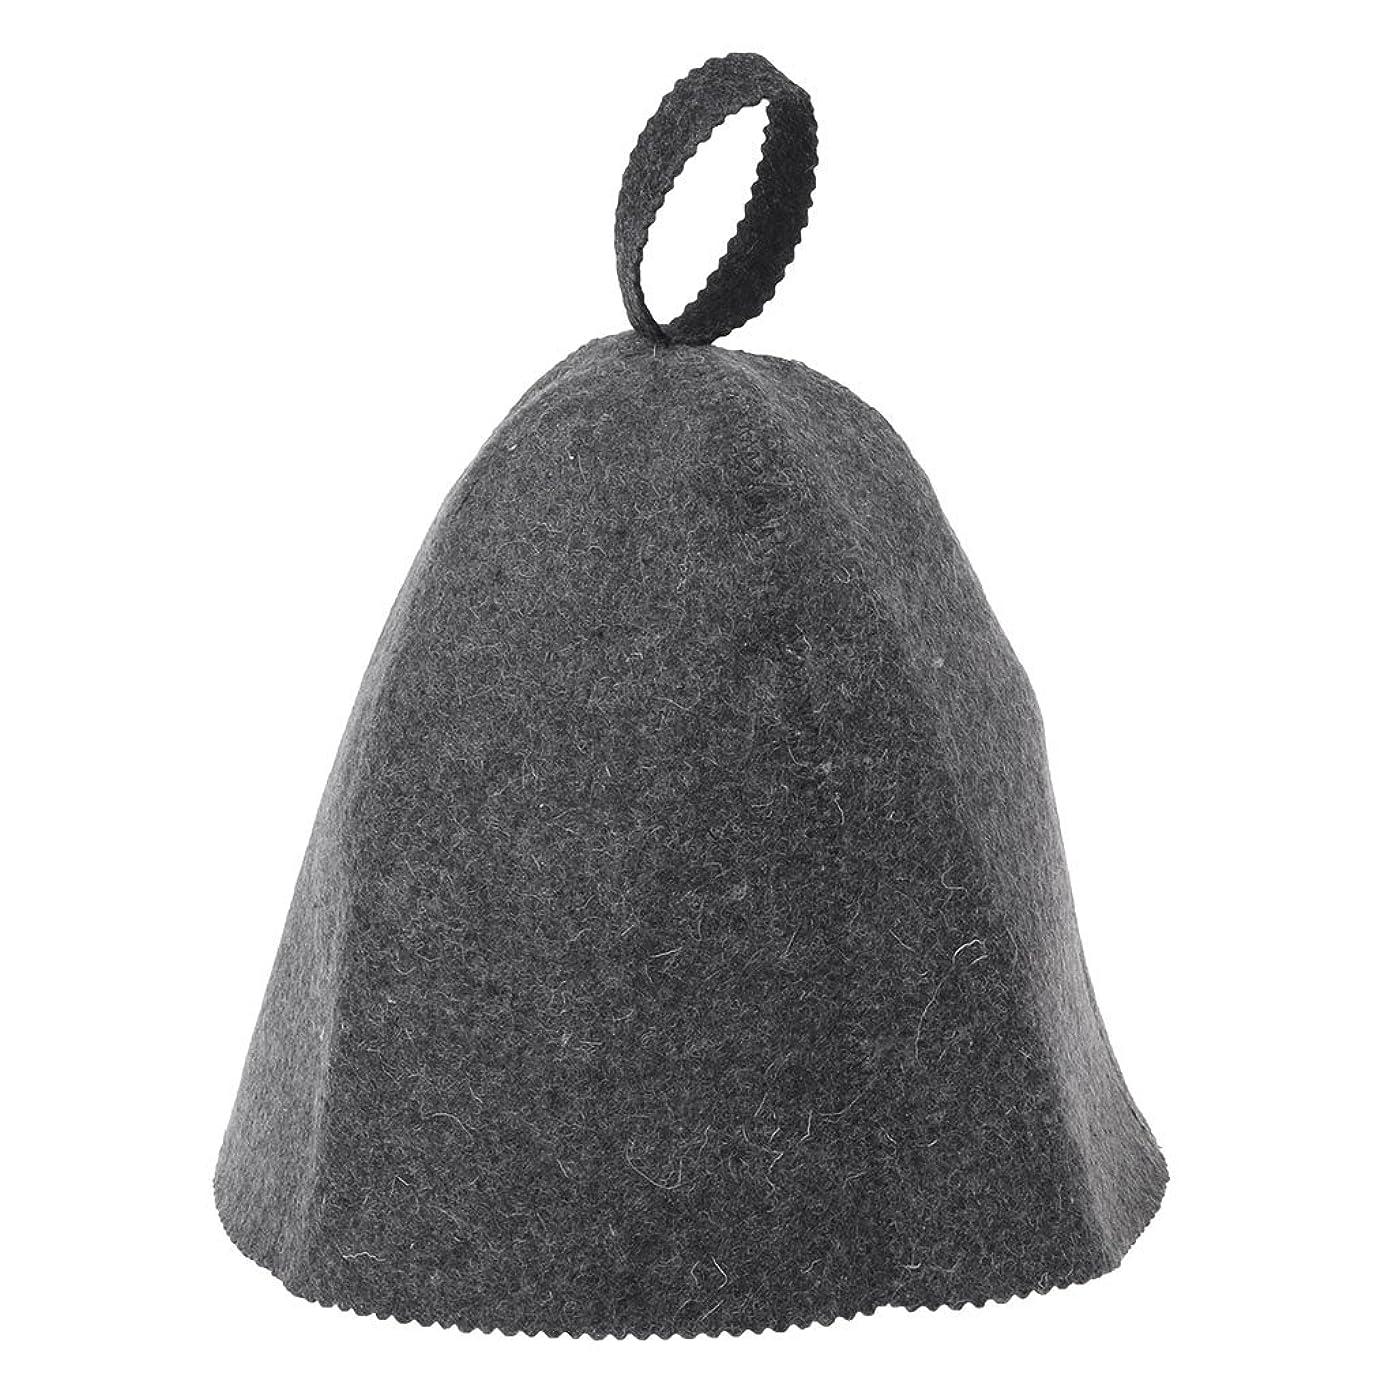 入手します地殻学部長LANDUMのウールのフェルトのサウナの帽子、浴室の家の頭部の保護のための反熱ロシアのバニヤ帽子